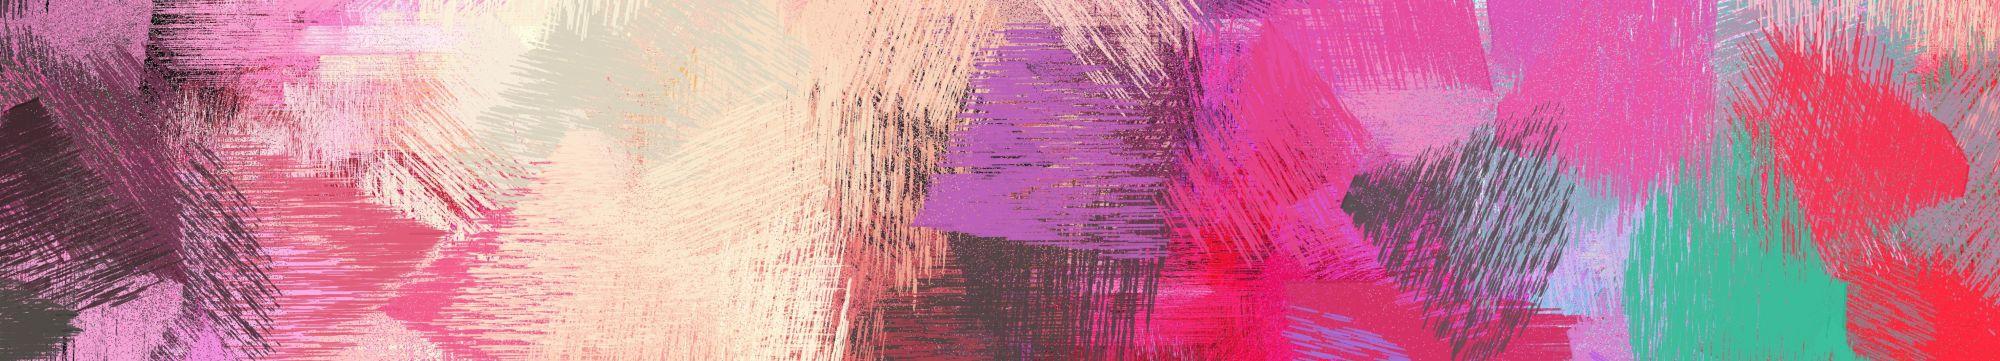 diferentes tonos de rosa y morado